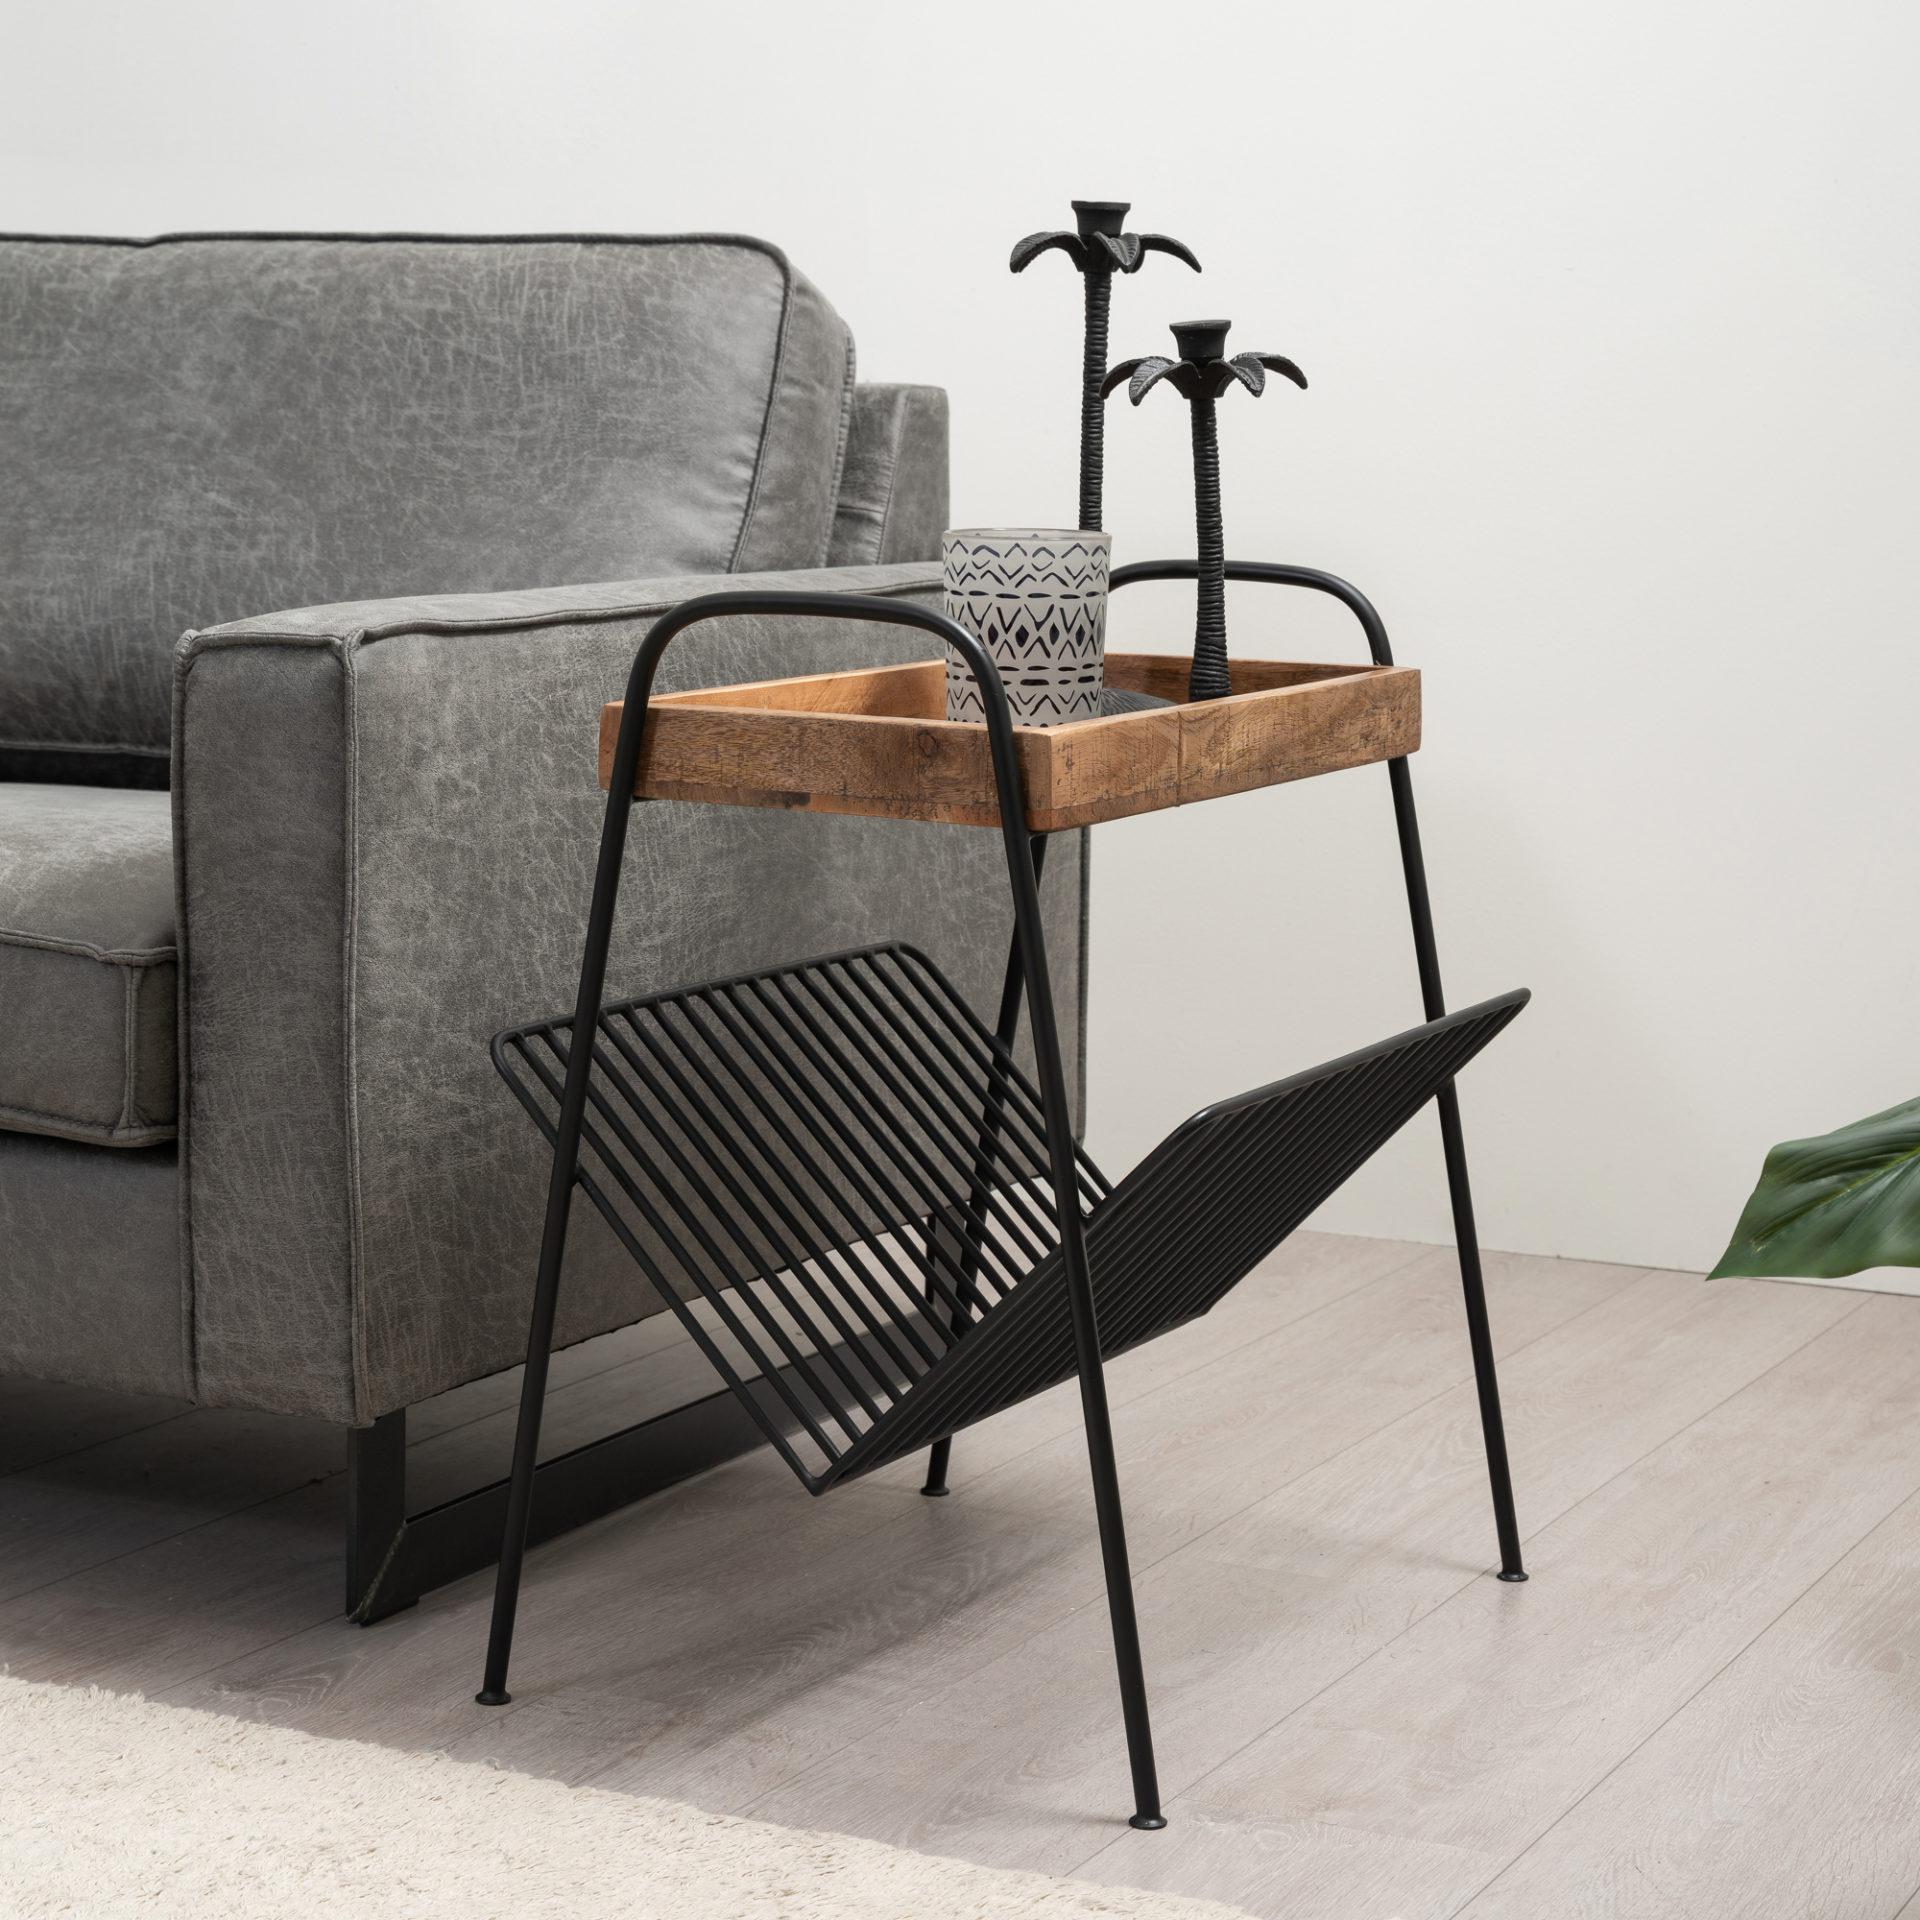 Bijzettafel gemaakt van mangohout met metalen onderstel. De tafel beschikt over een plank welke bevestigd zit aan de poot, waar bijvoorbeeld tijdschriften in kunnen.